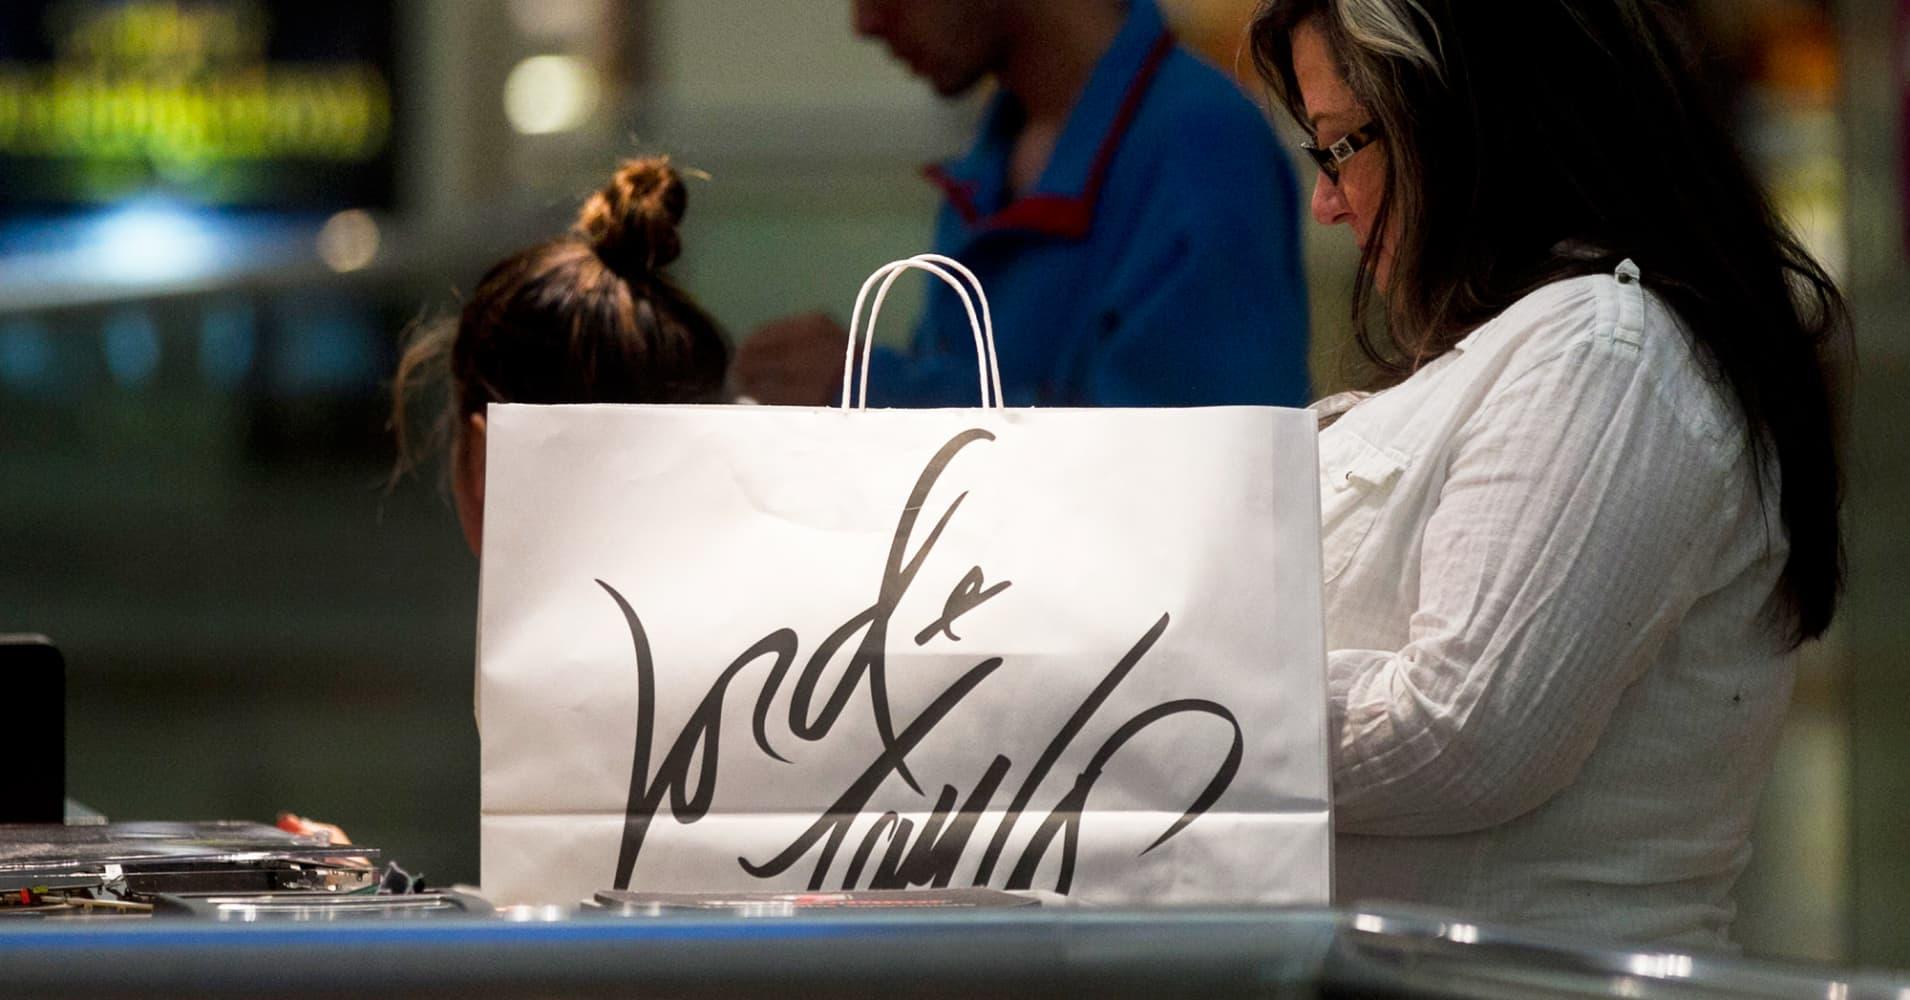 Meet jonathan litt hudsons bay activist investor a lord taylor shopping bag at a mall in fairfax virginia buycottarizona Choice Image